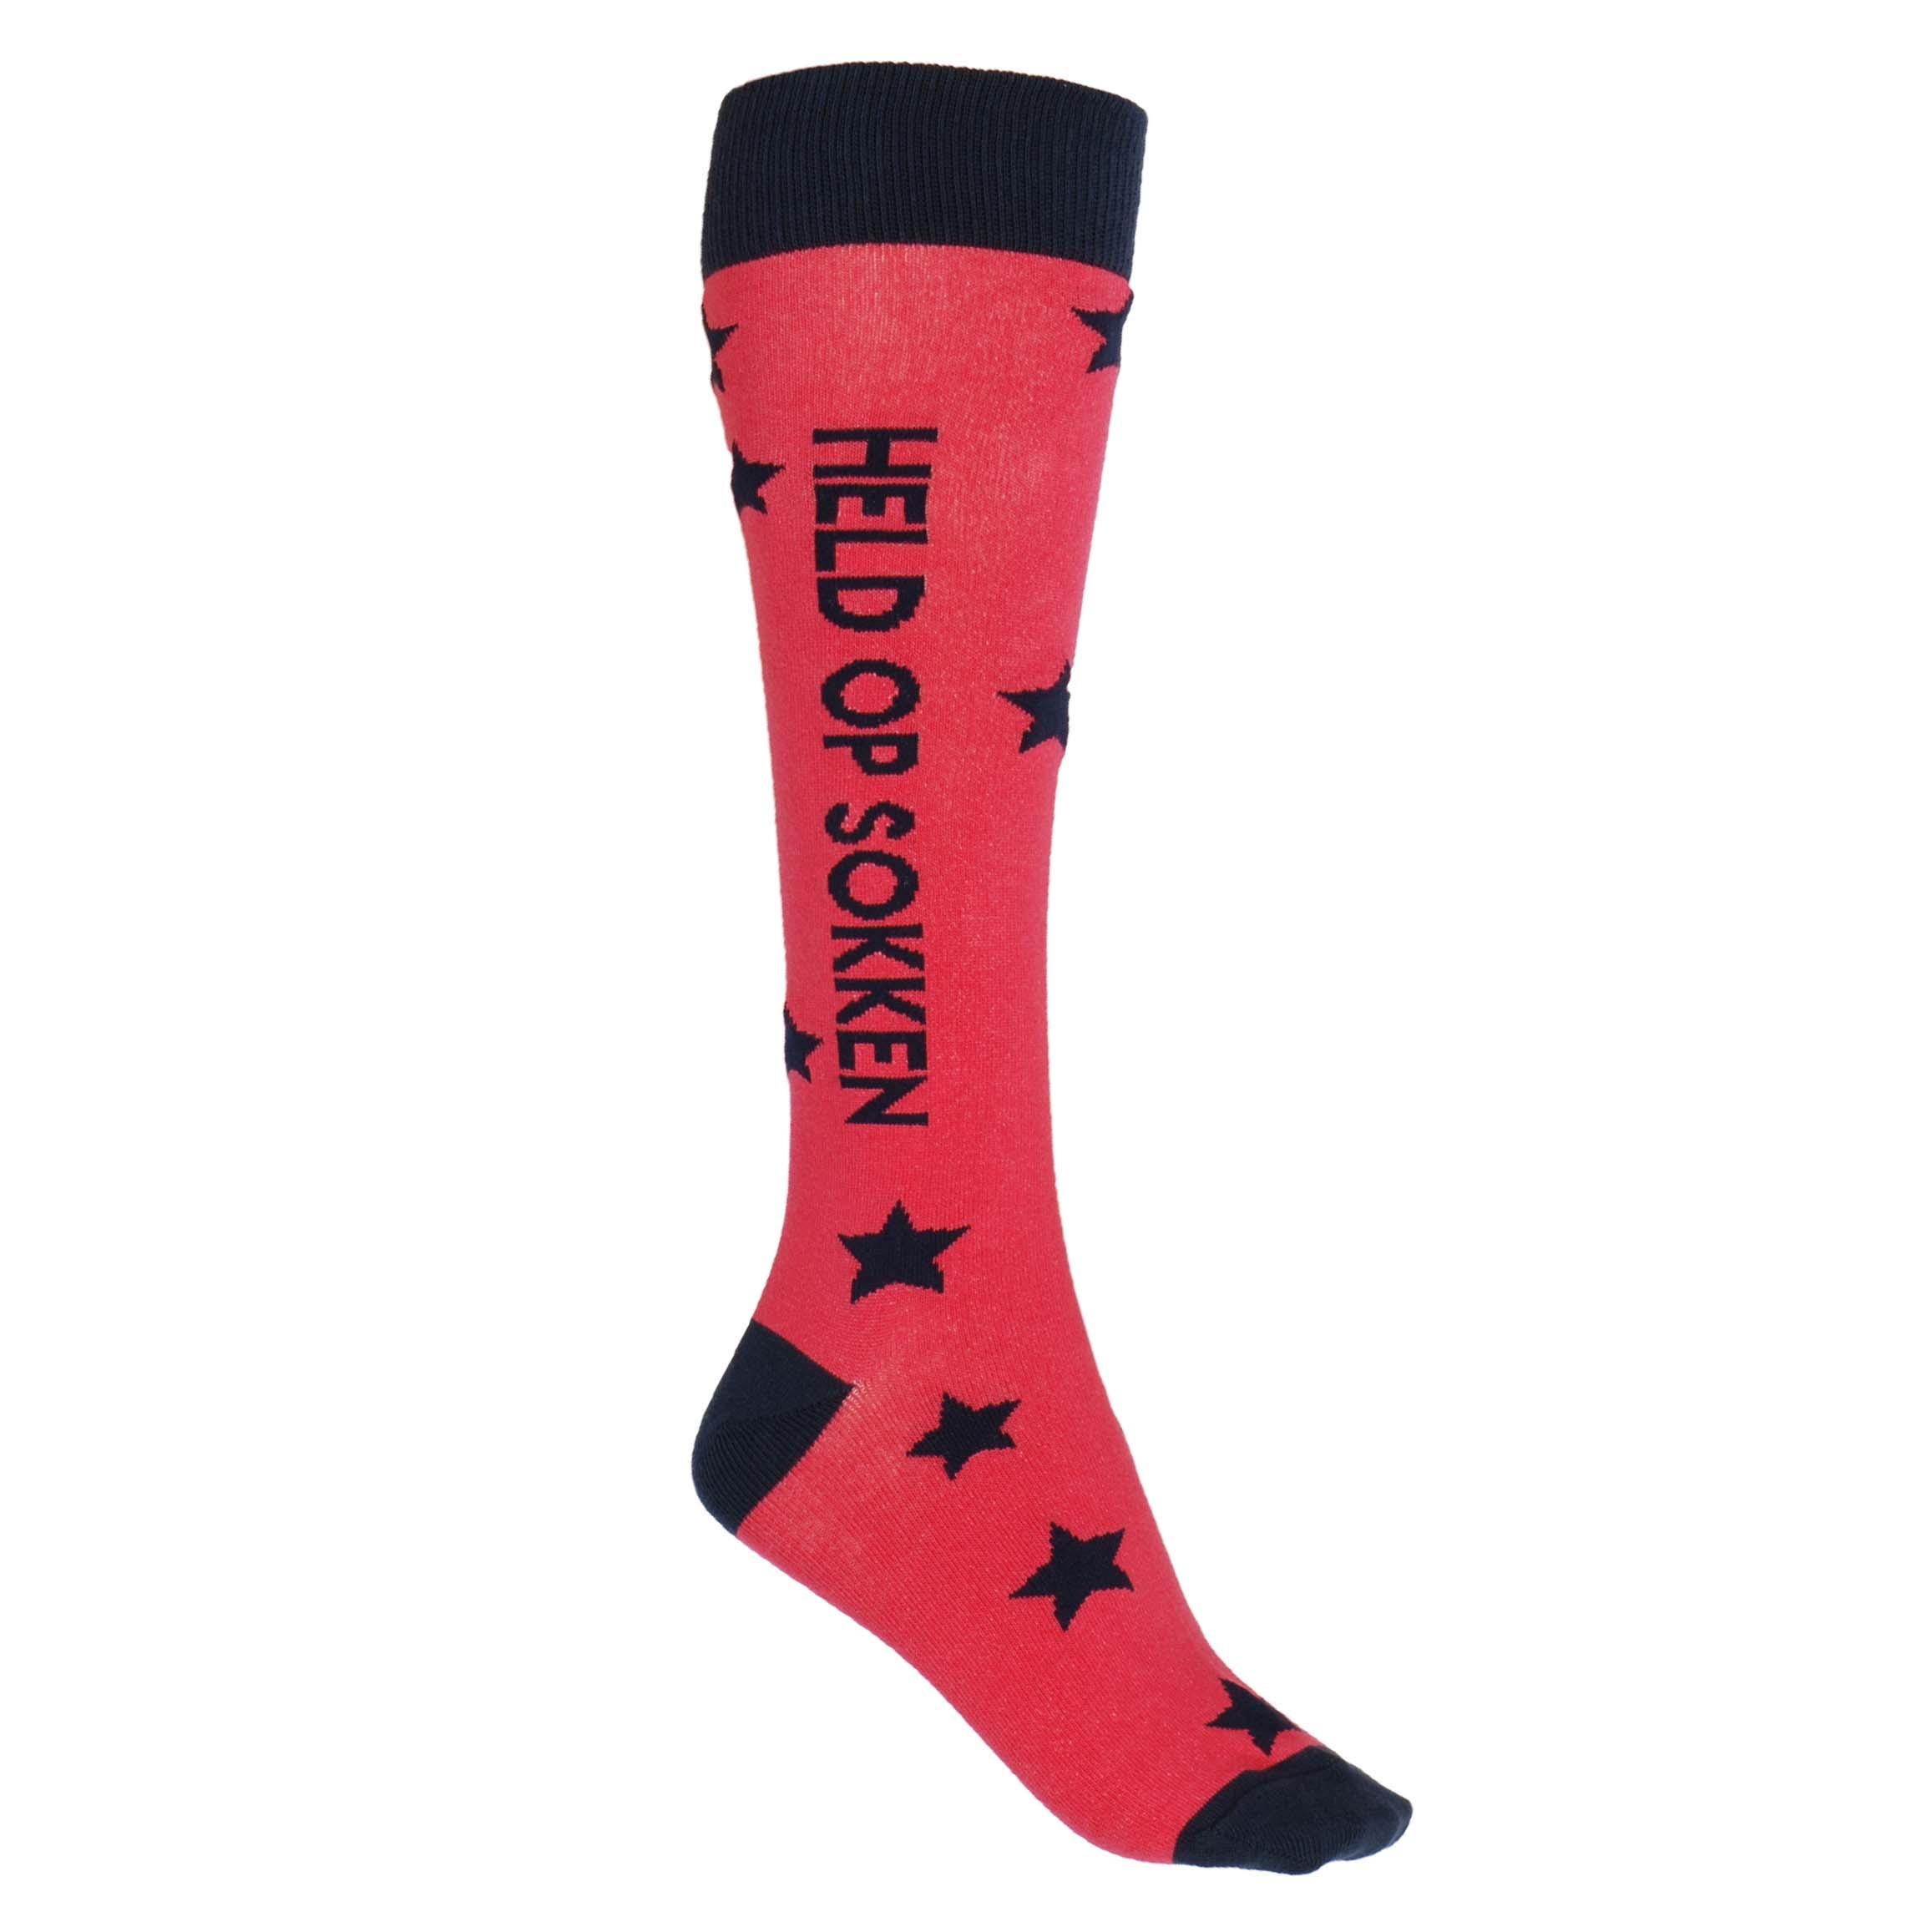 Mondoni Held op sokken kniekousen roze maat:39-42